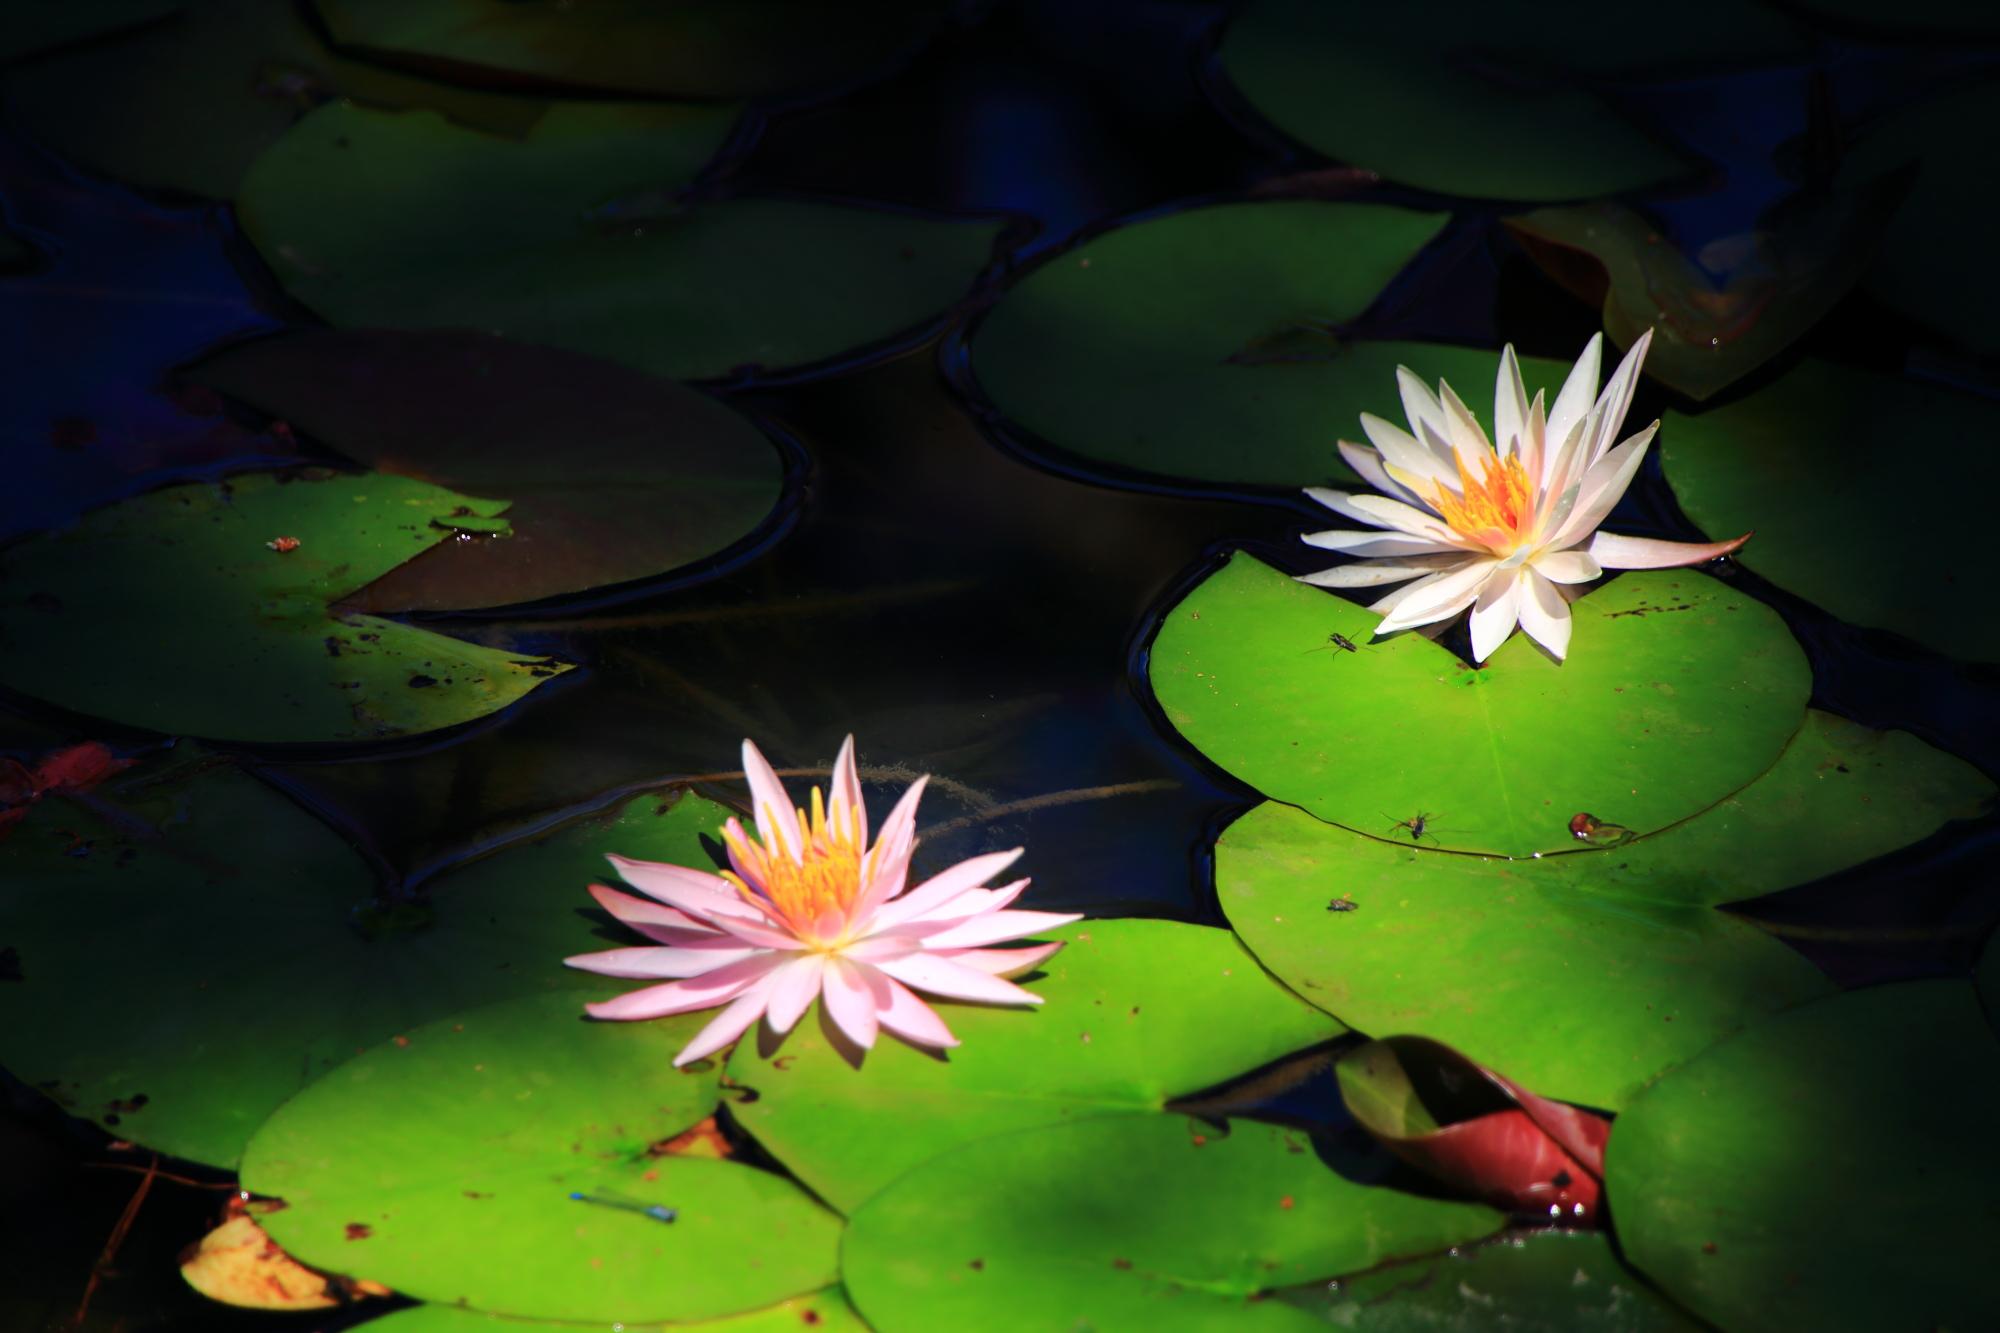 花びらの細い淡い色合いの睡蓮